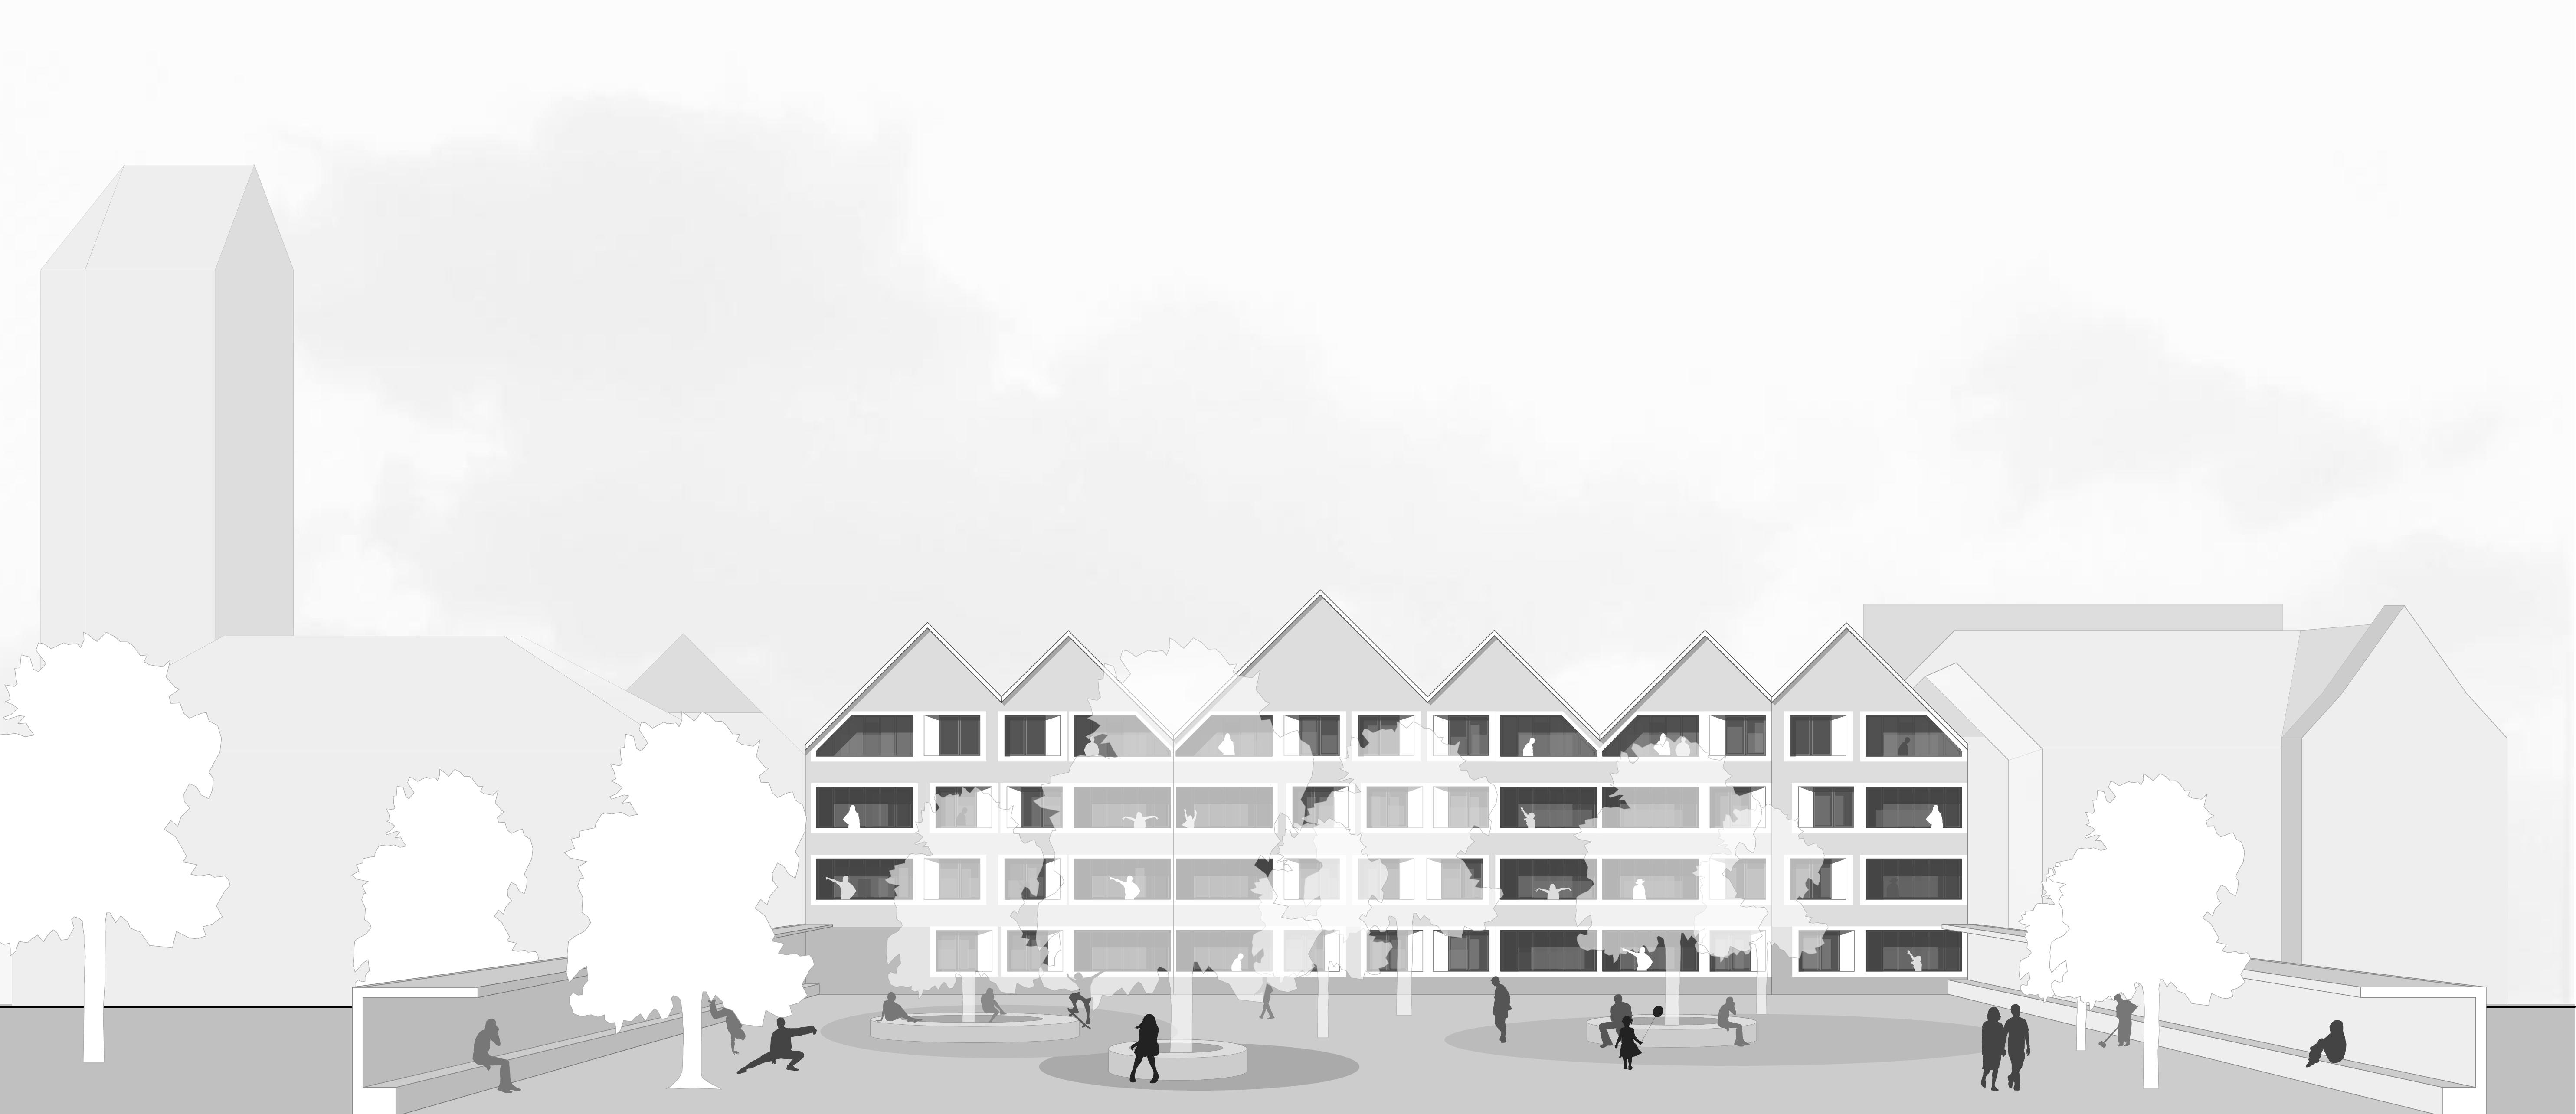 kaestle&ocker - Umbau/Neubau Bocksgasse